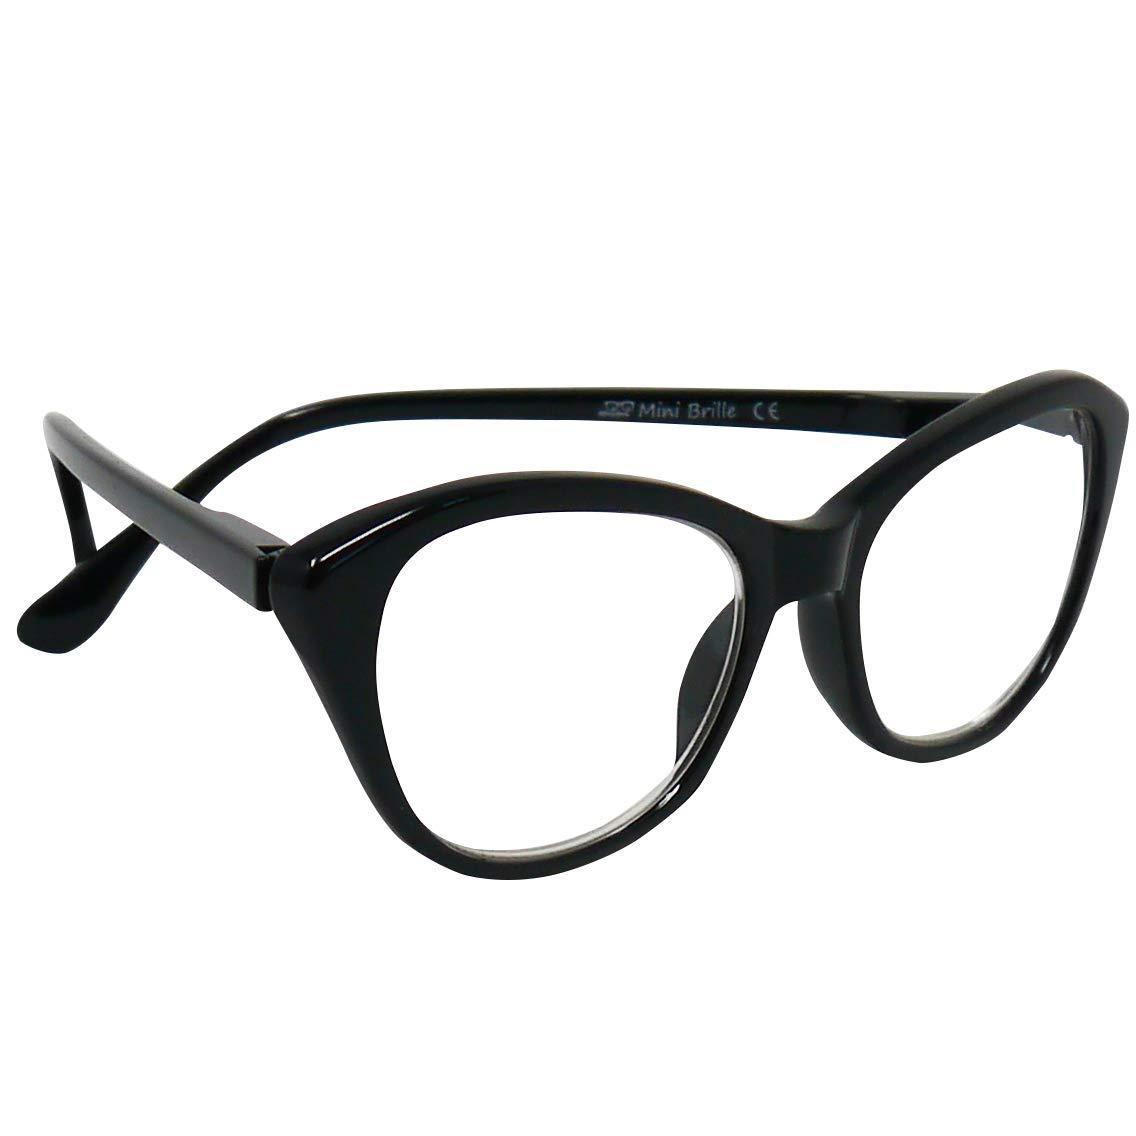 Cat-Eye Occhiali da Lettura per Donna  Diottrie +1.5 Montatura in Platica Stile da Gatto MINI BRILLE Occhiali da Lettura con Grandi Lenti col. Nero Custodia INCLUSA